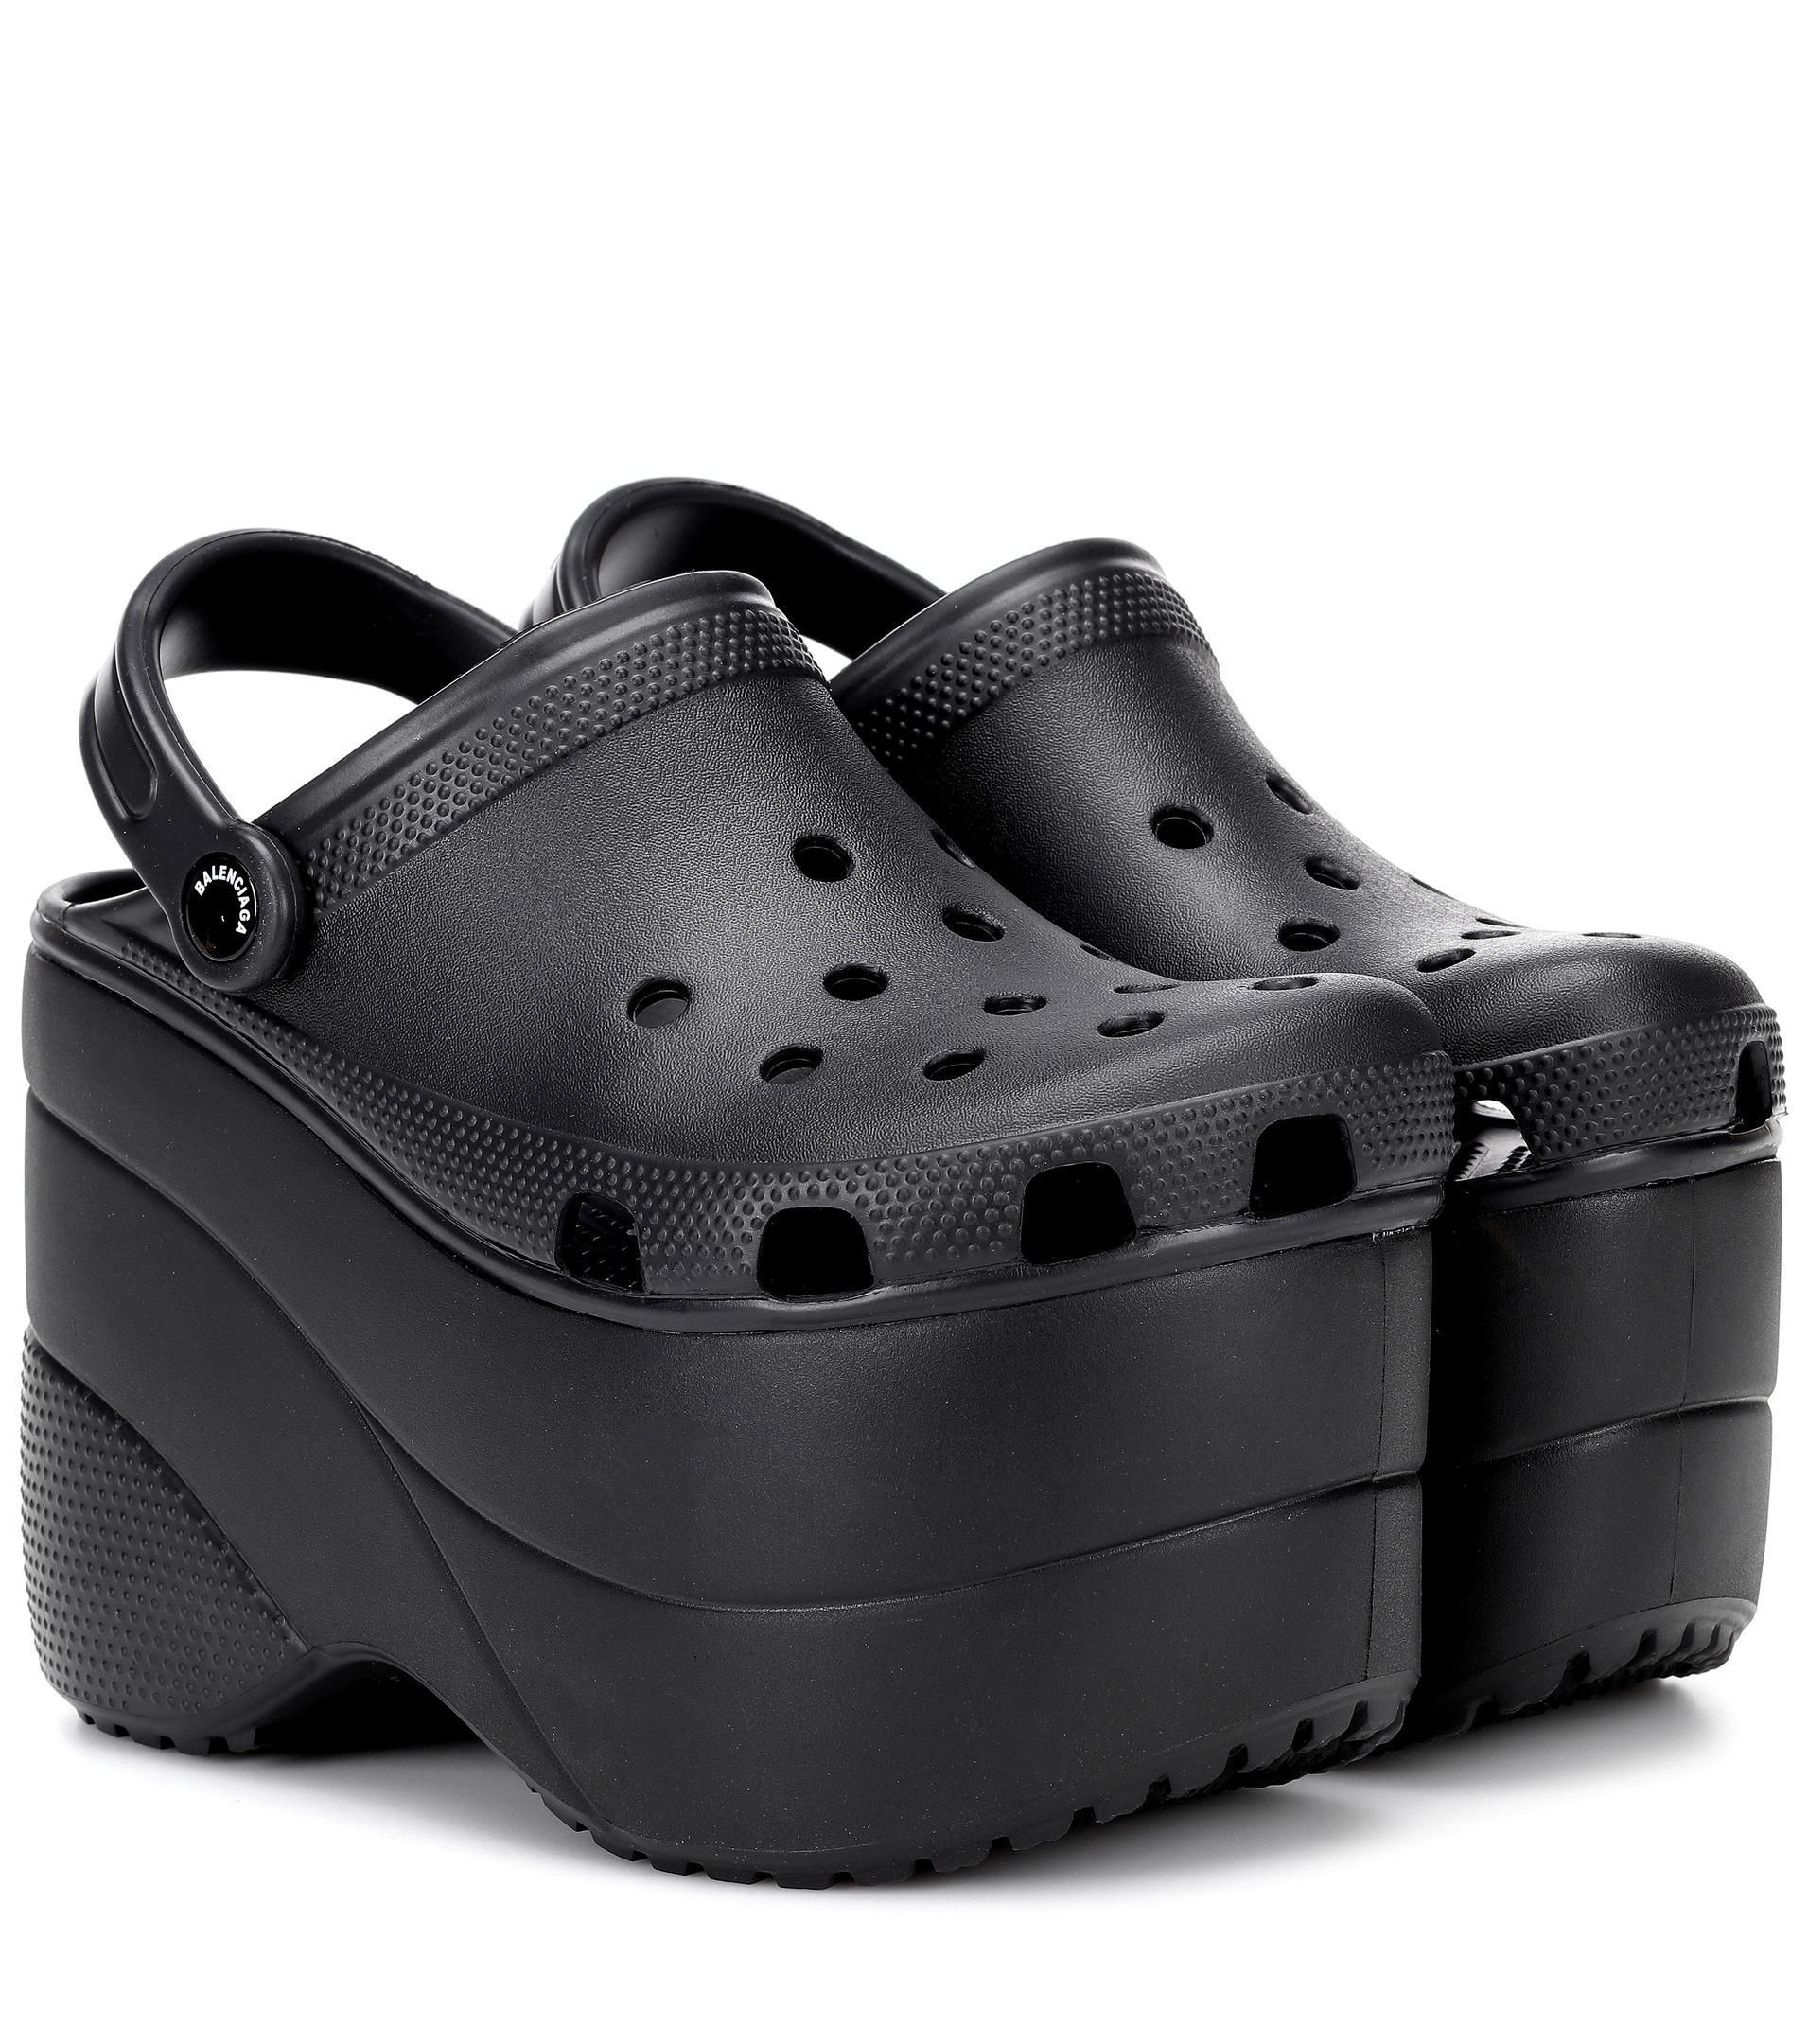 9b7fd85d0bf Balenciaga Black Platform Crocs